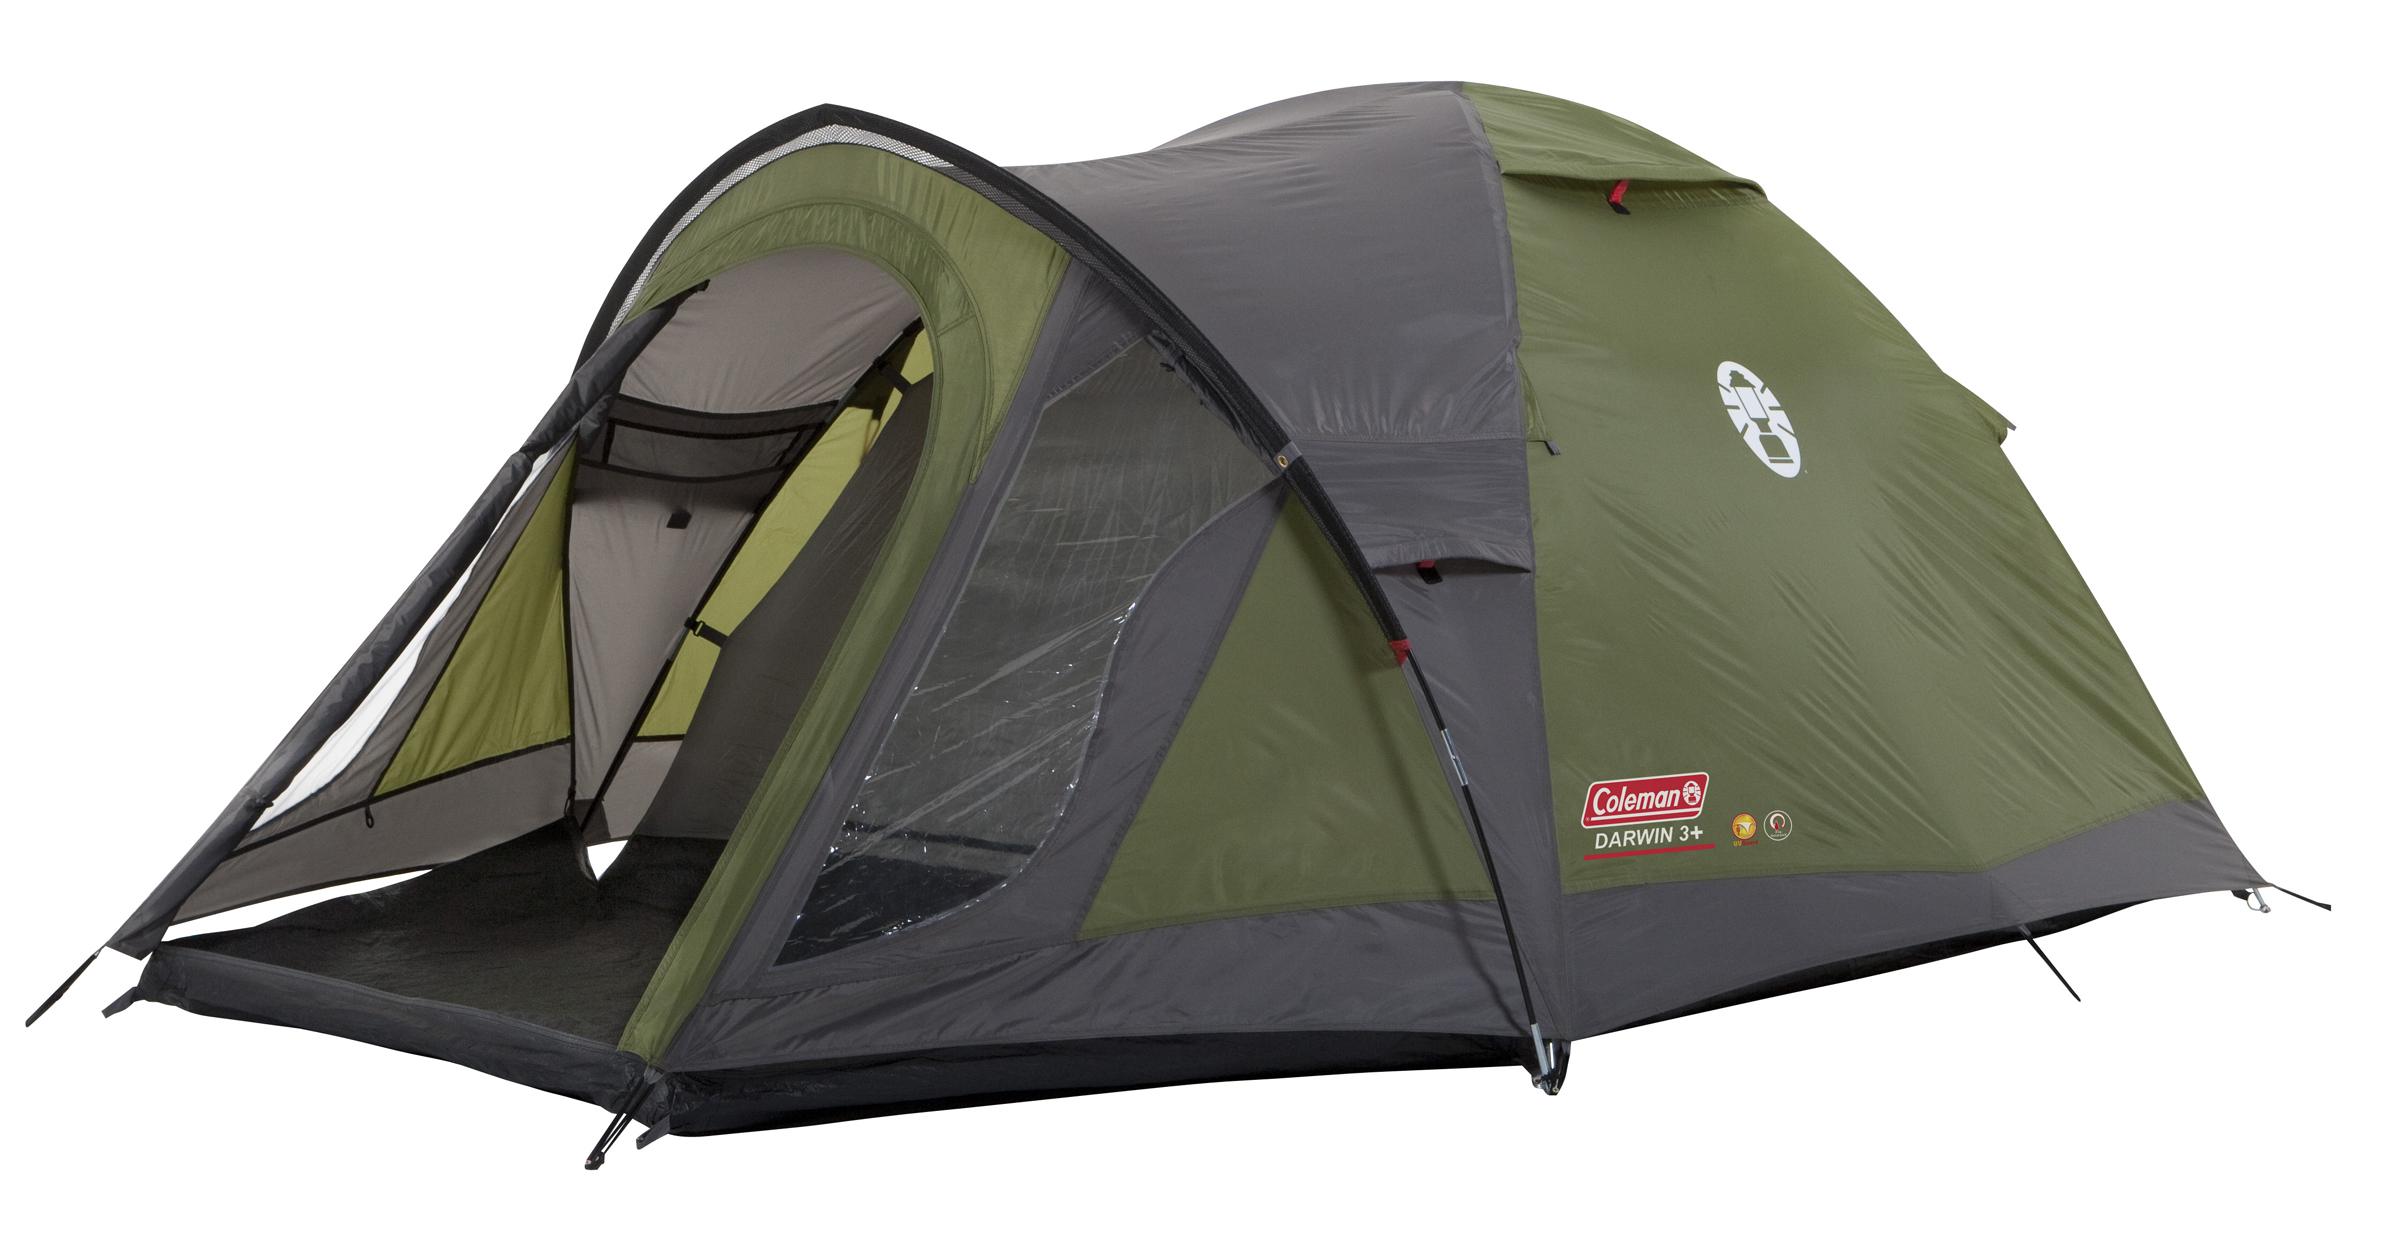 Coleman Darwin 3+ Koepel Tent - Groen/Grijs